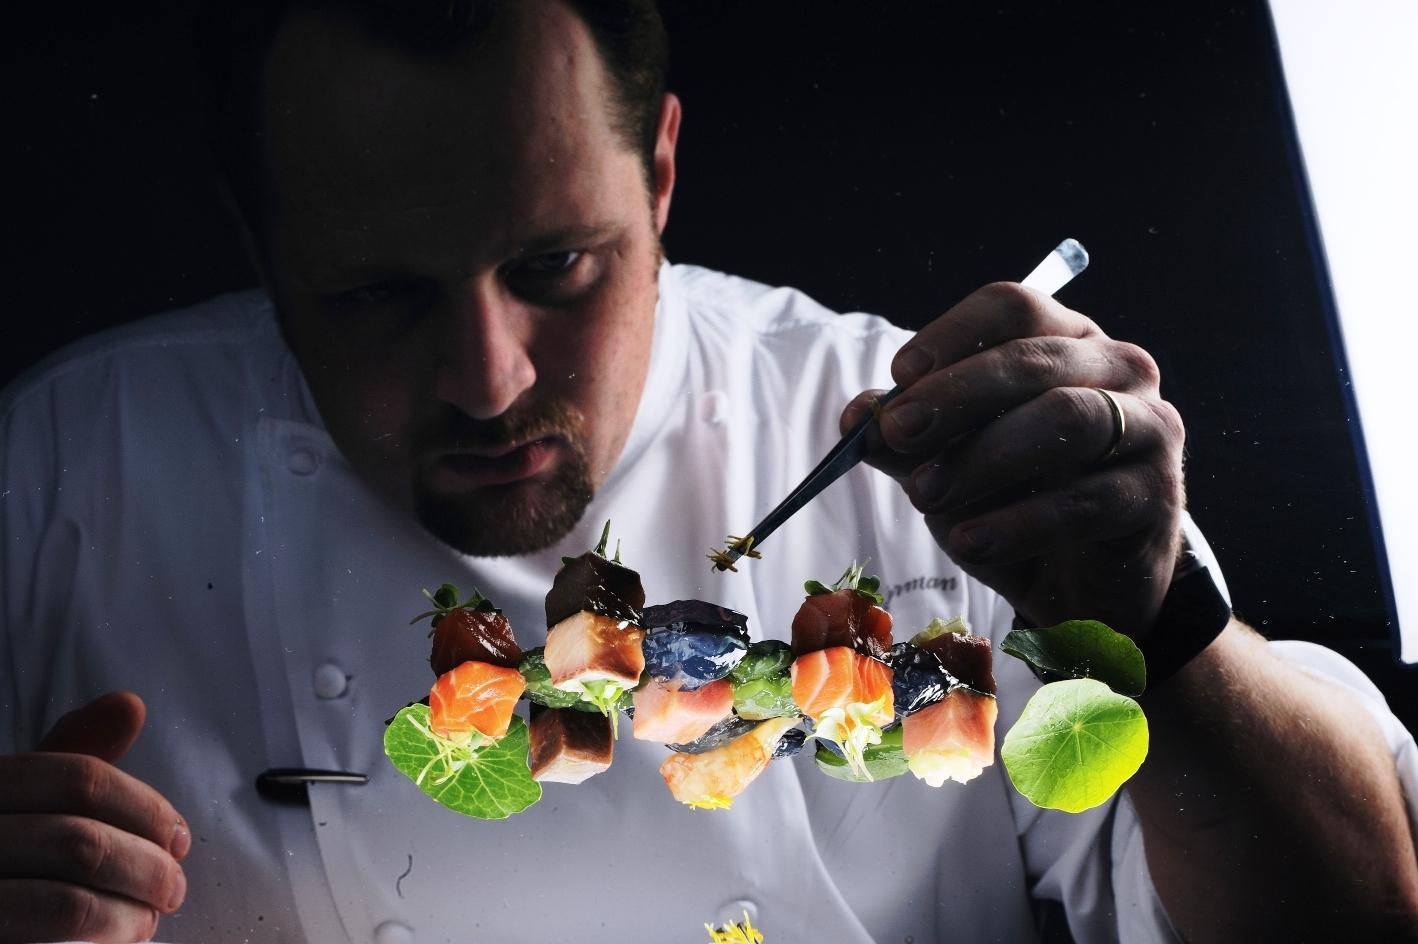 Curso de cocina y comida en el hotel kempinski por menos - Cocinas chef ...